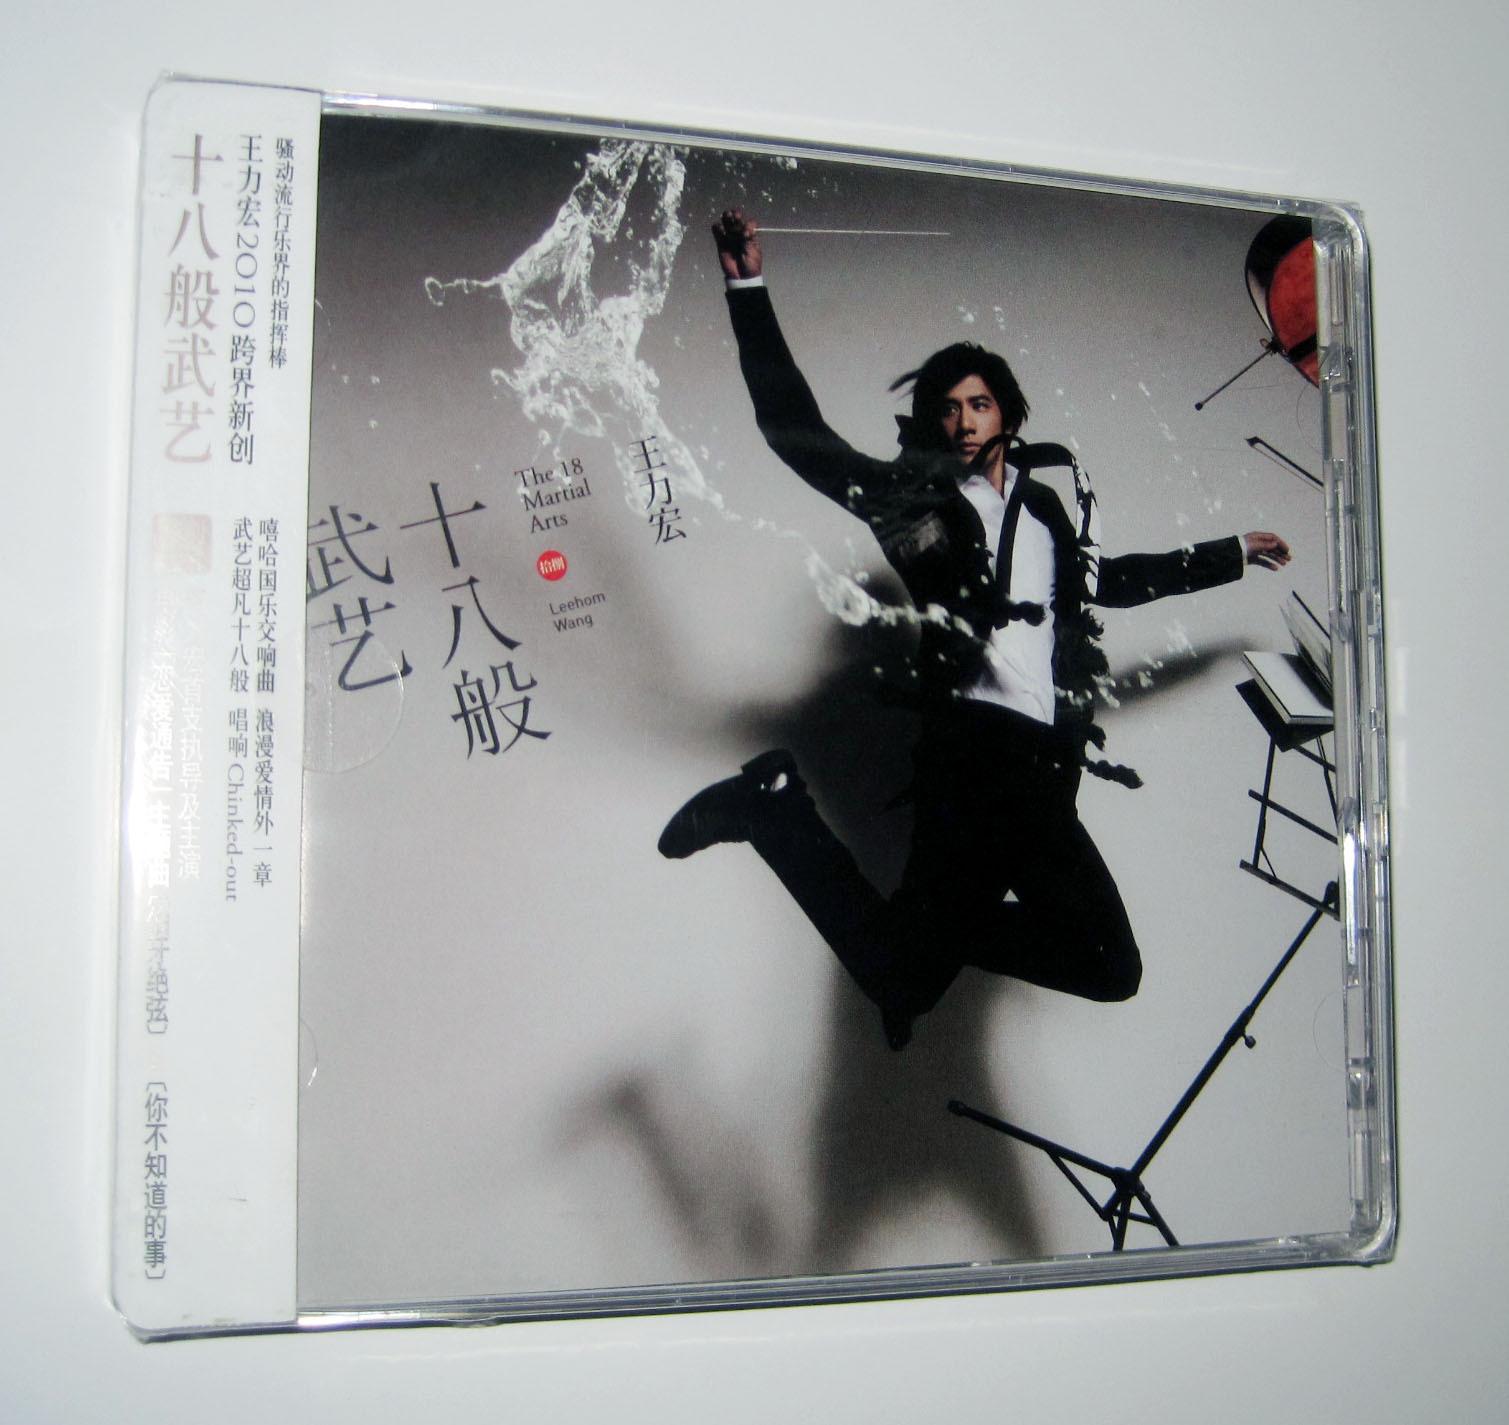 王力宏2010新专辑十八般武艺CD+流行歌词册写真光盘